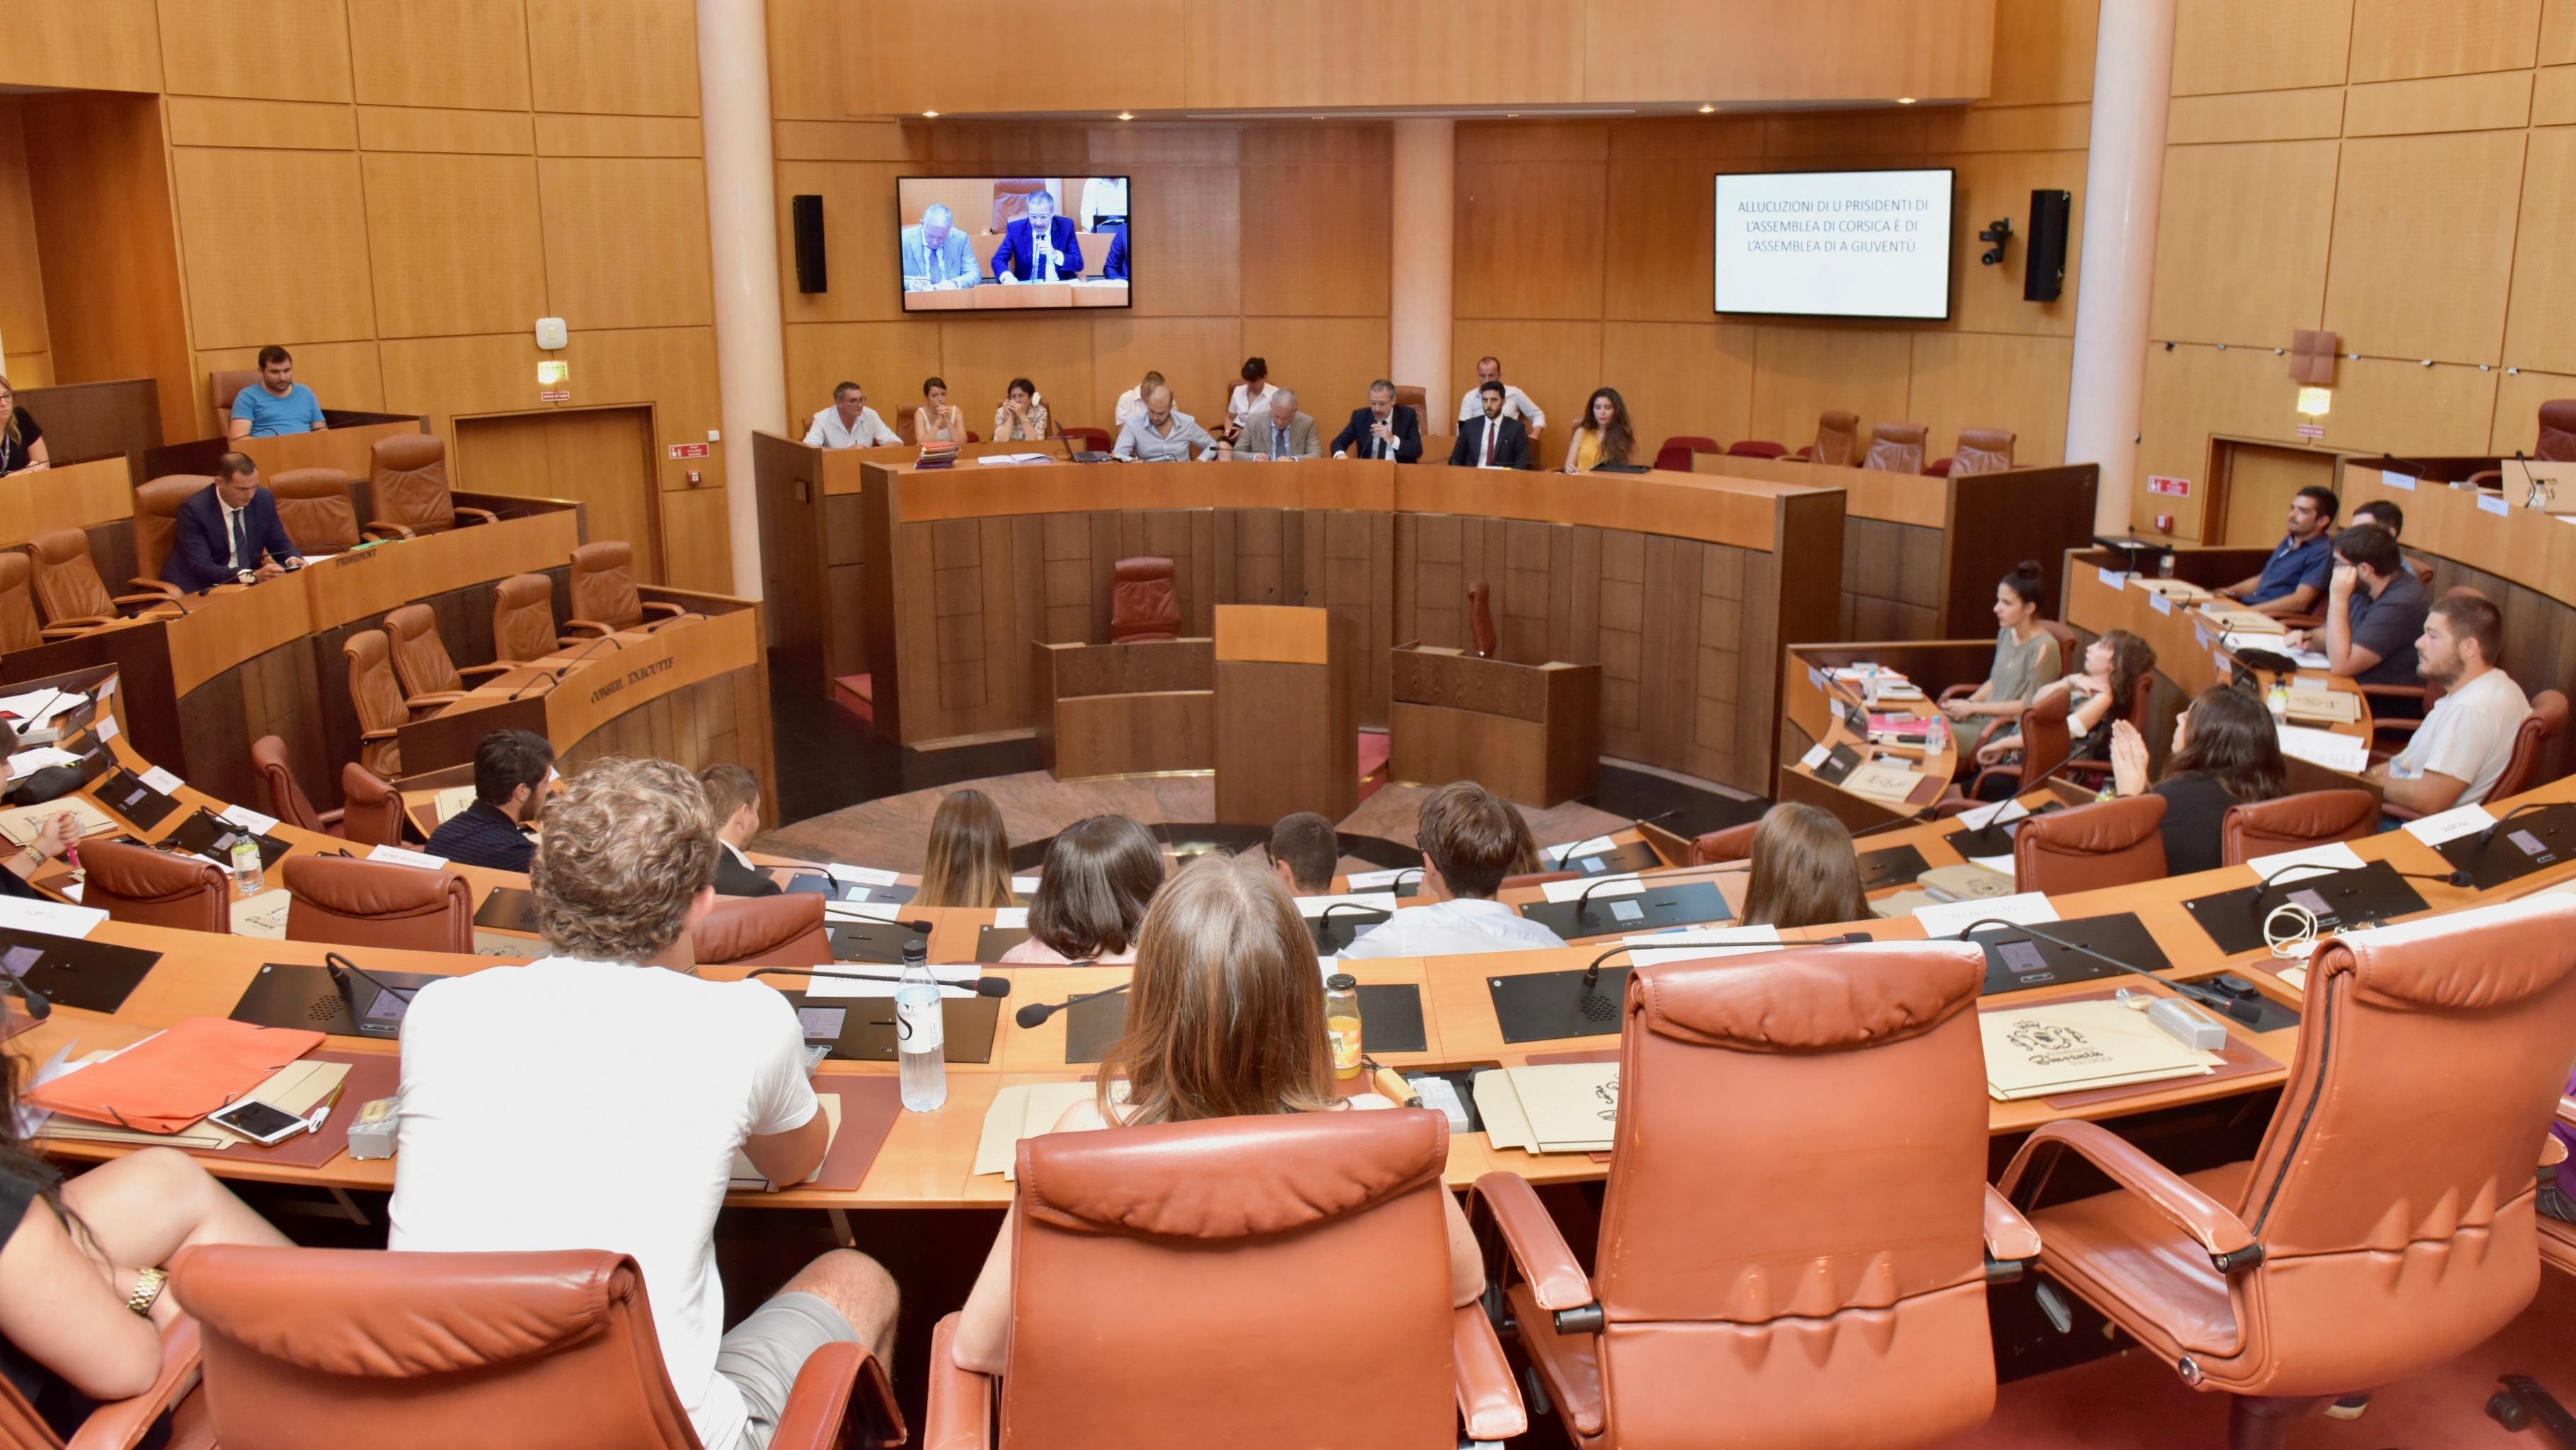 Ordini di u ghjornu di a seduta di l'Assemblea di a Giuventù - U 30 d'uttrovi di u 2017